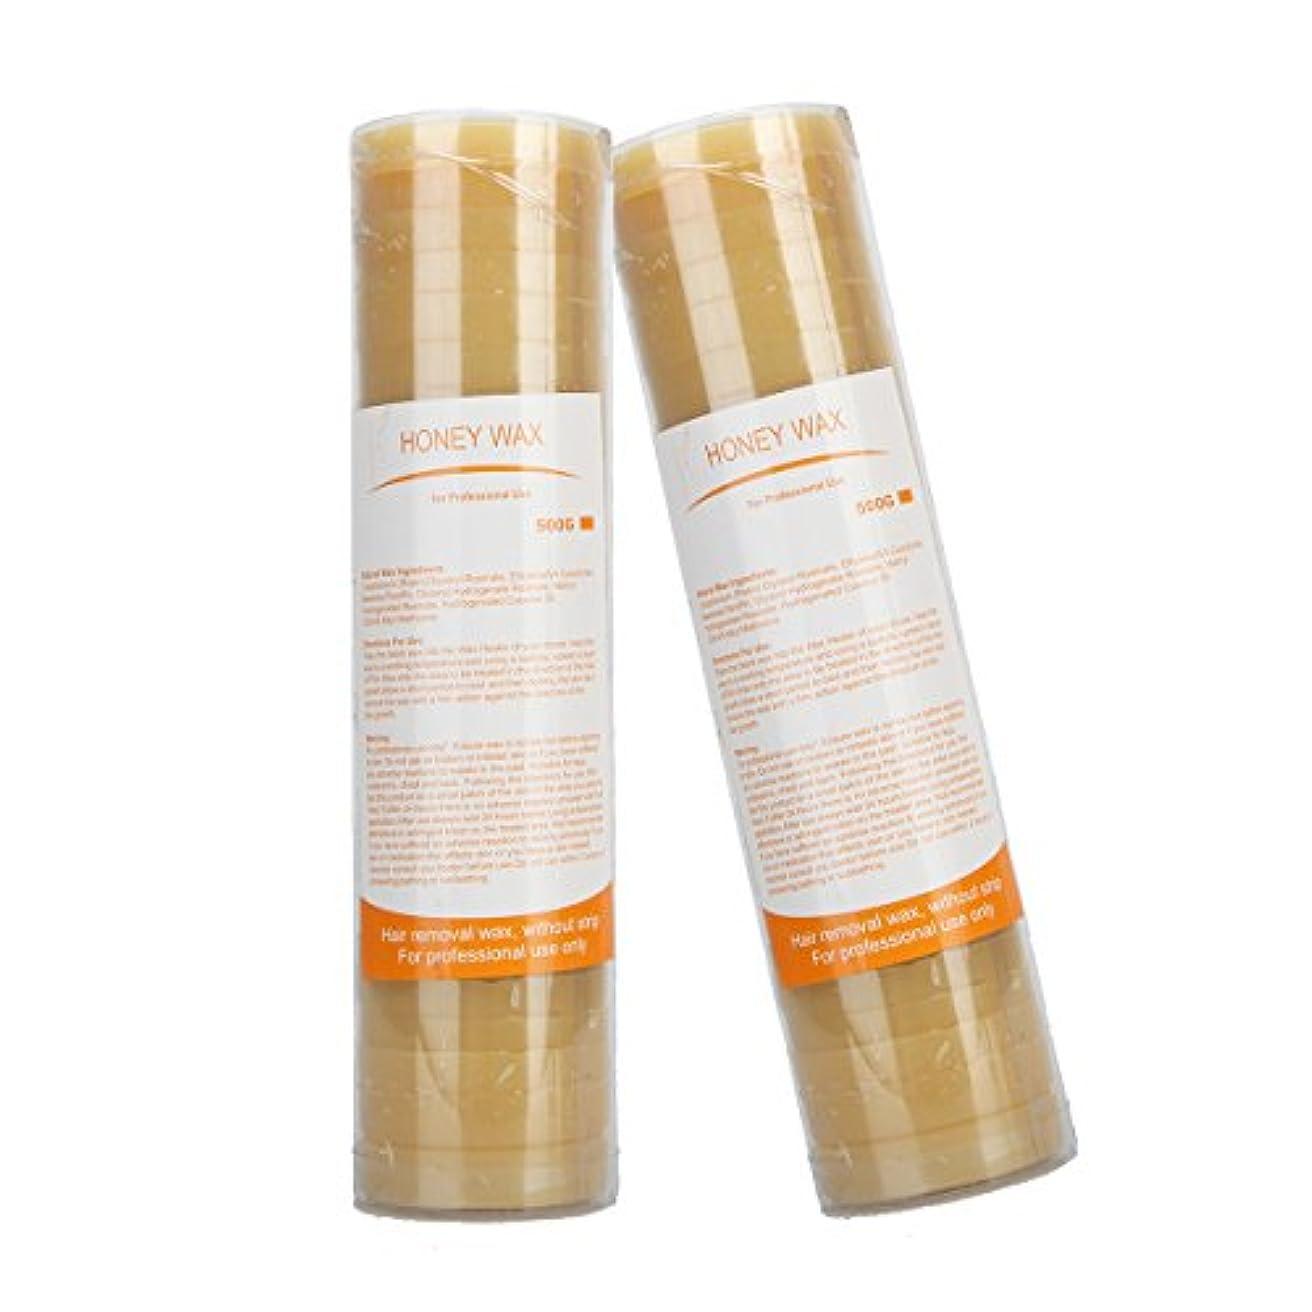 ハンバーガー納得させるガジュマル(アーニェメイ)Bonjanvye 脱毛 ワックス ハード 500g 2缶 ブラジリアンワックス ハードタイプ ワックス脱毛 キット-はちみつとはちみつ